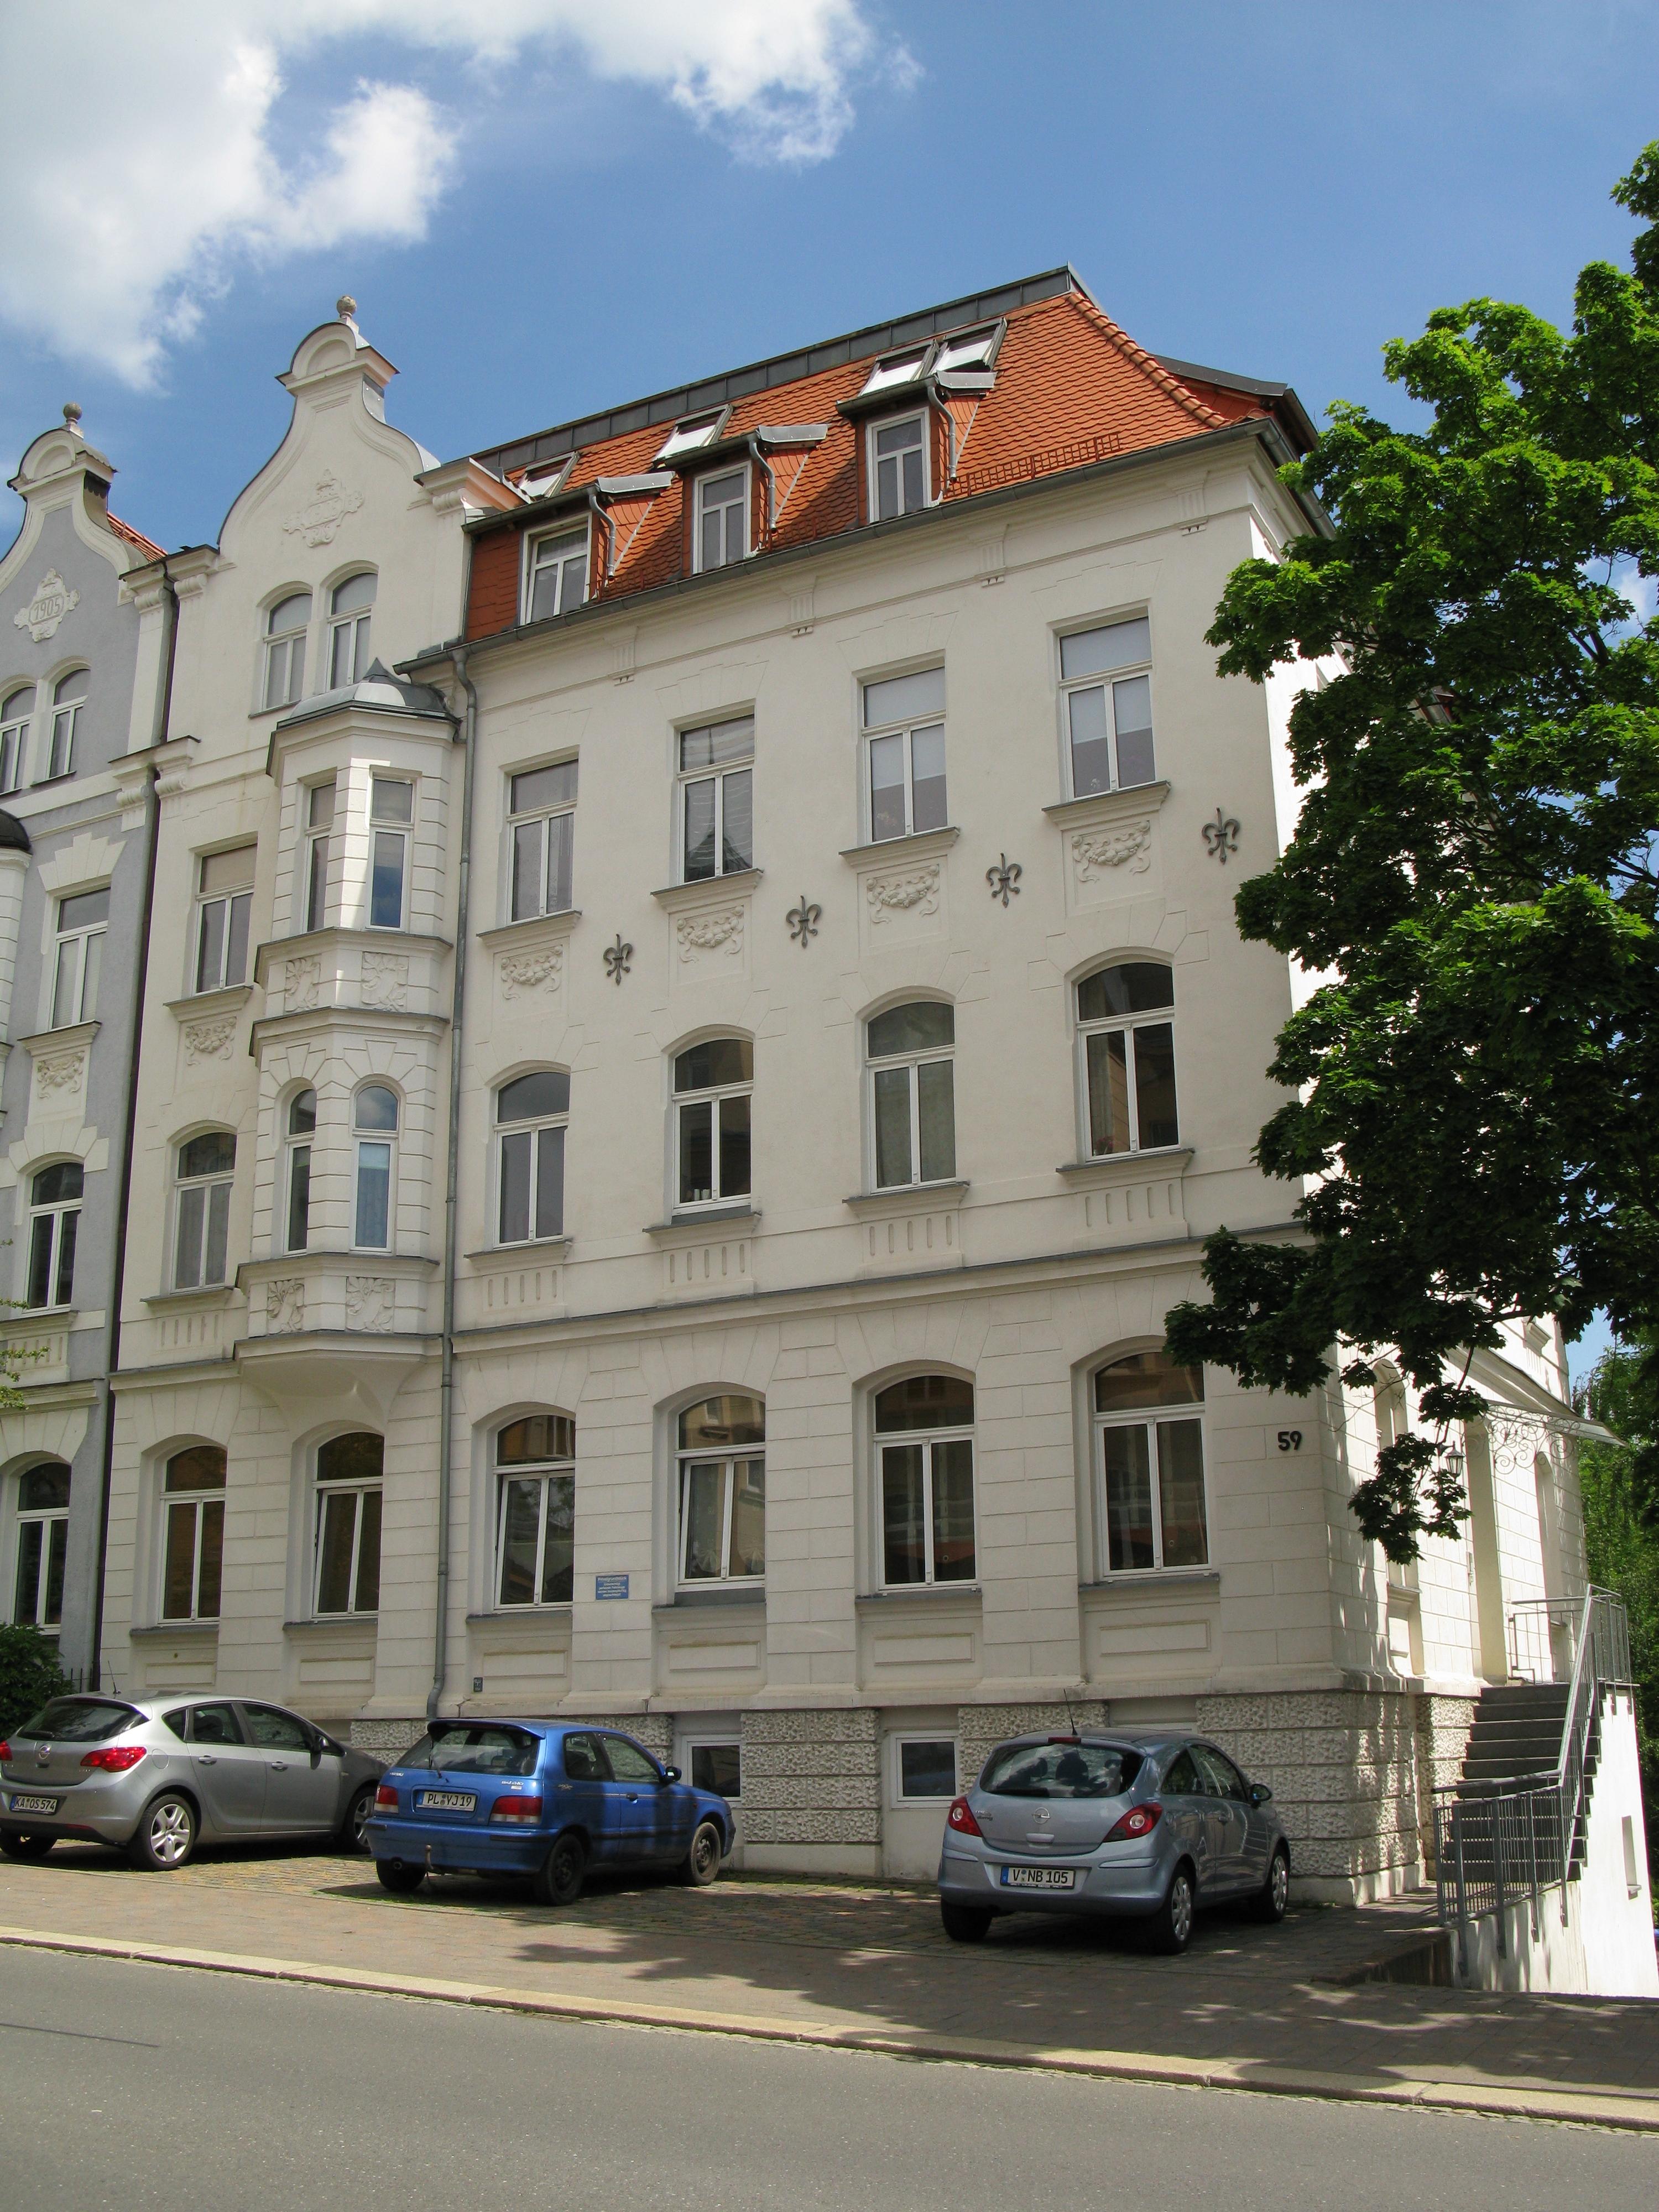 Karlstrasse